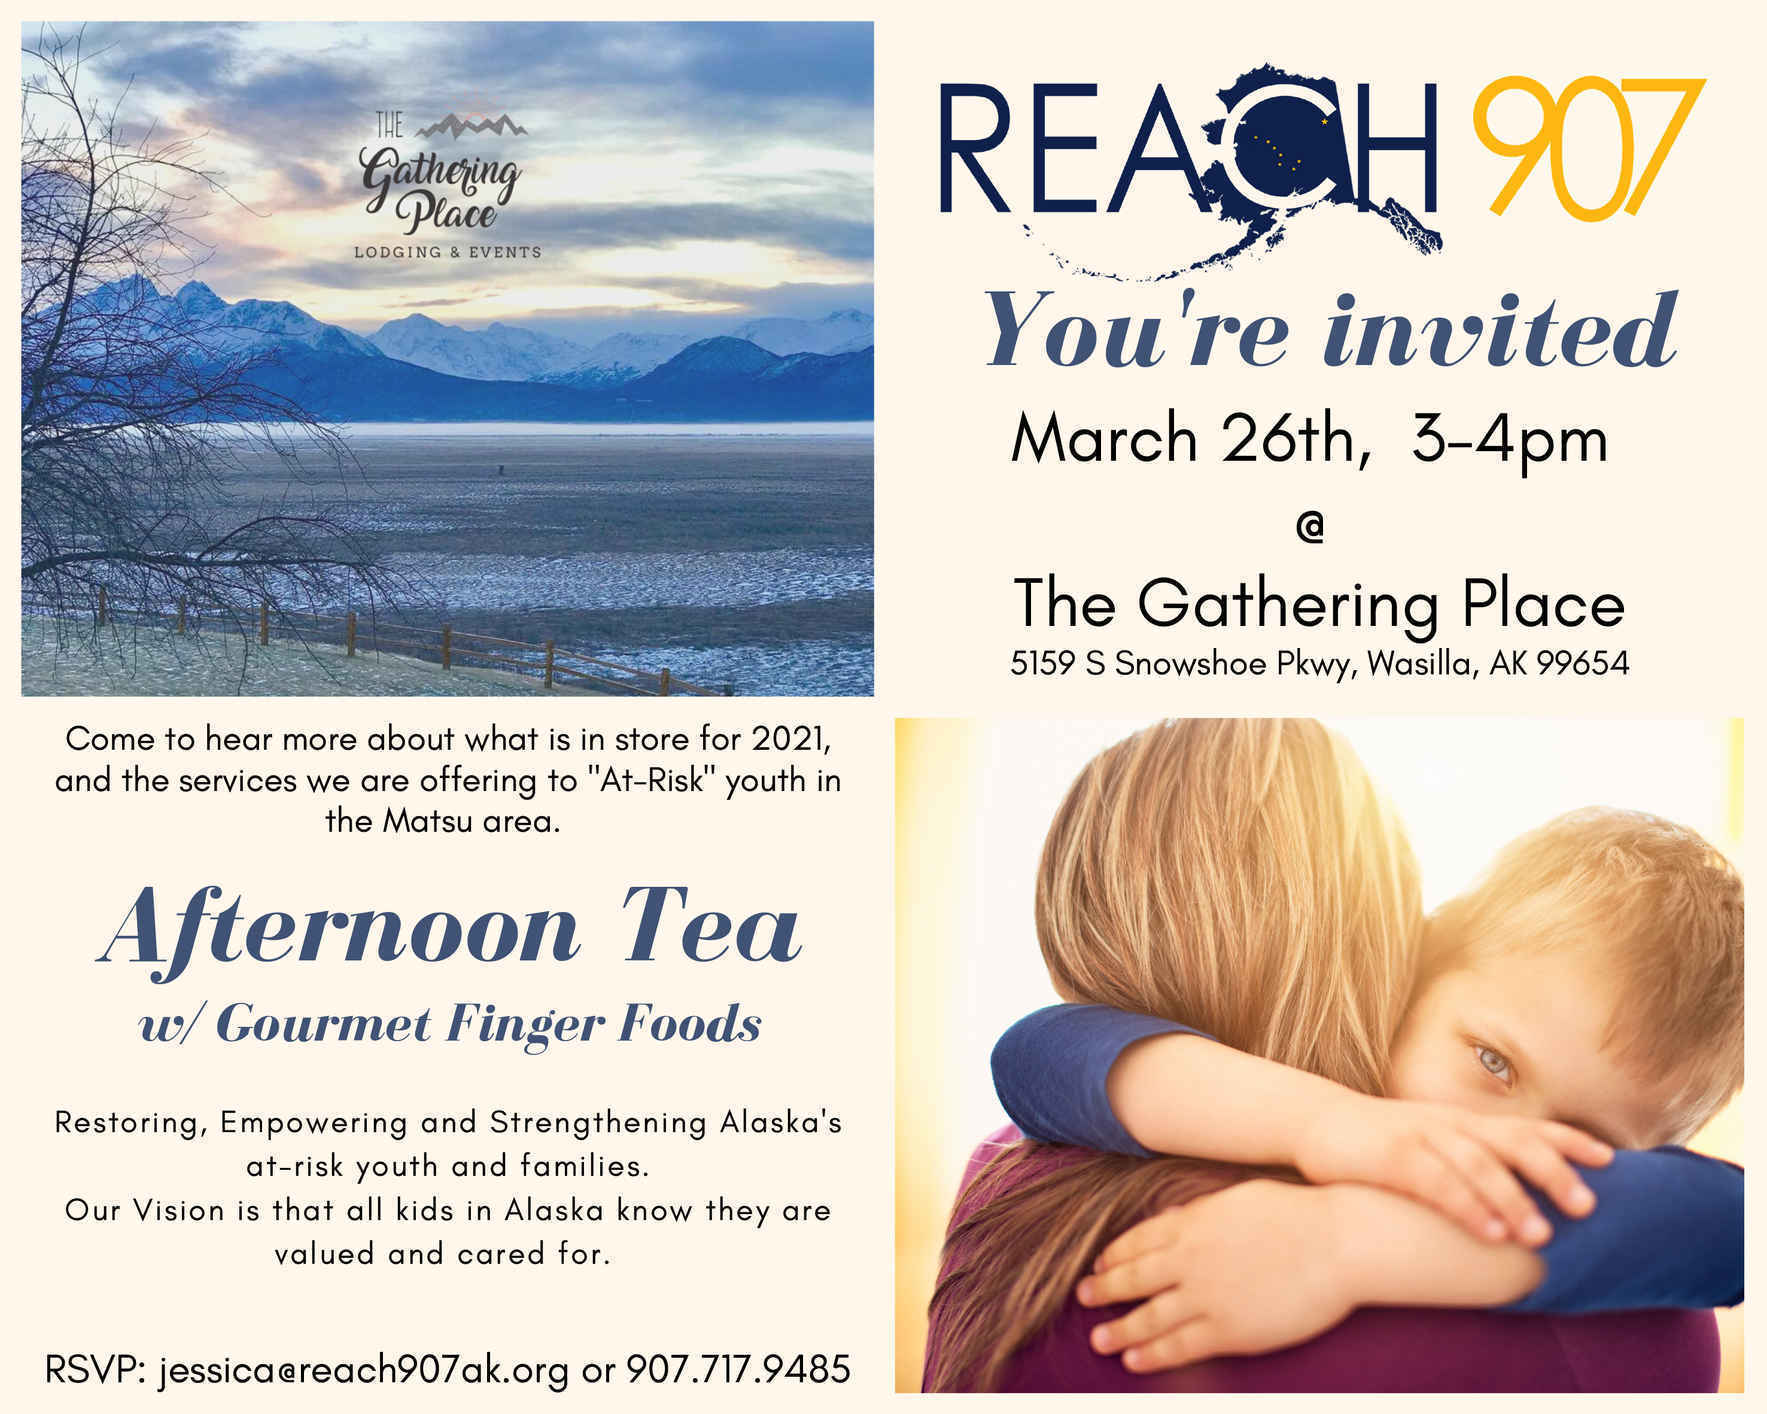 Afternoon Tea Fundraiser image